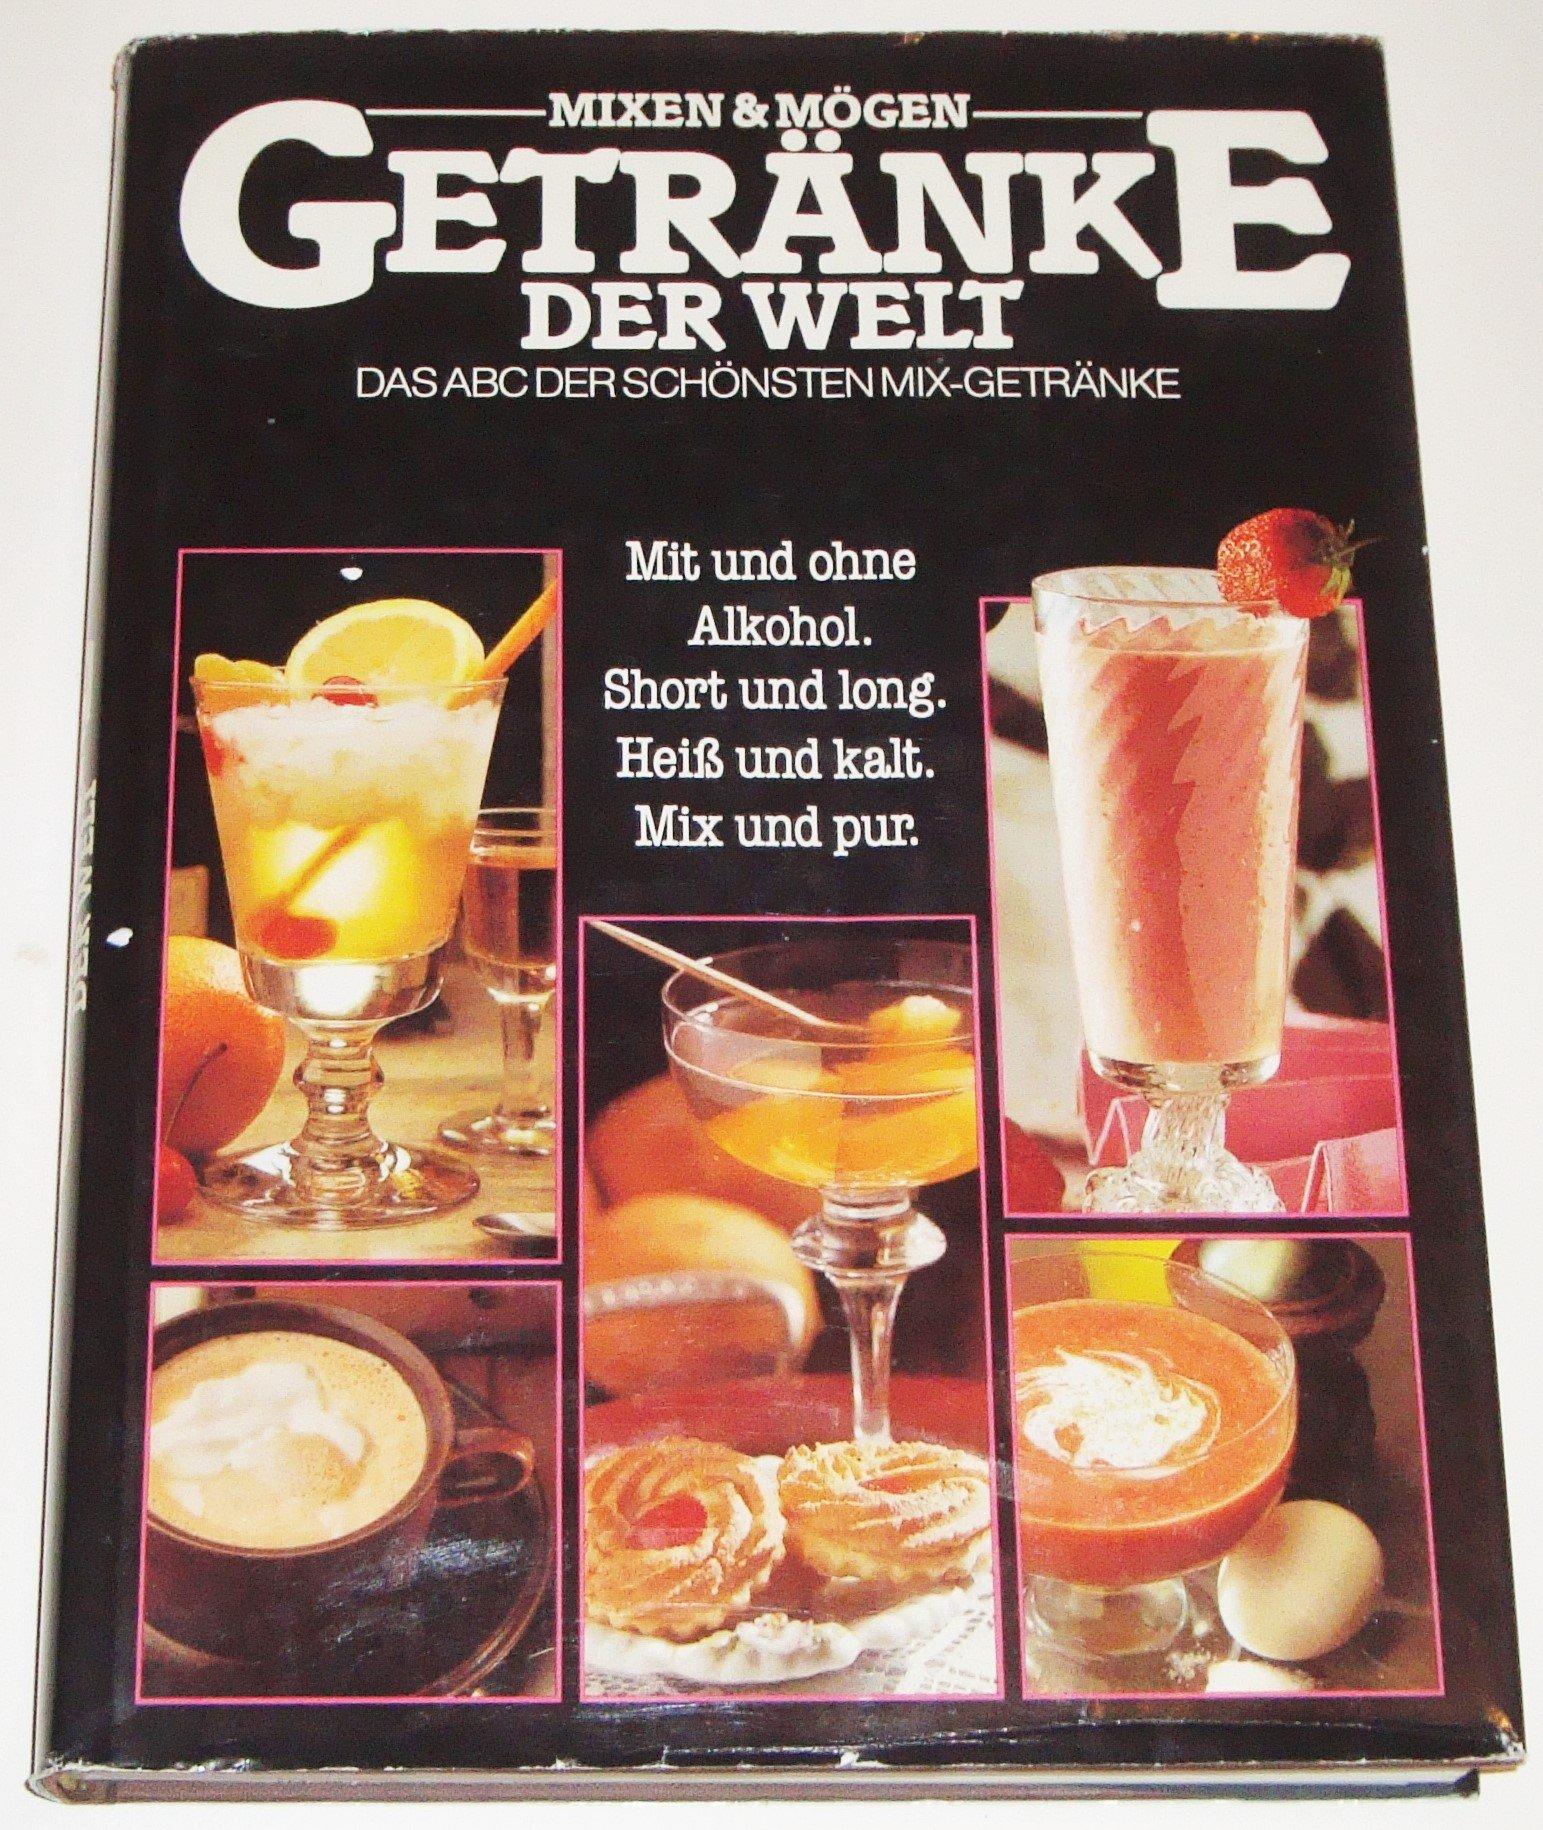 Mixen & Mögen: Getränke der Welt: Amazon.de: Honos Verlags AG.: Bücher